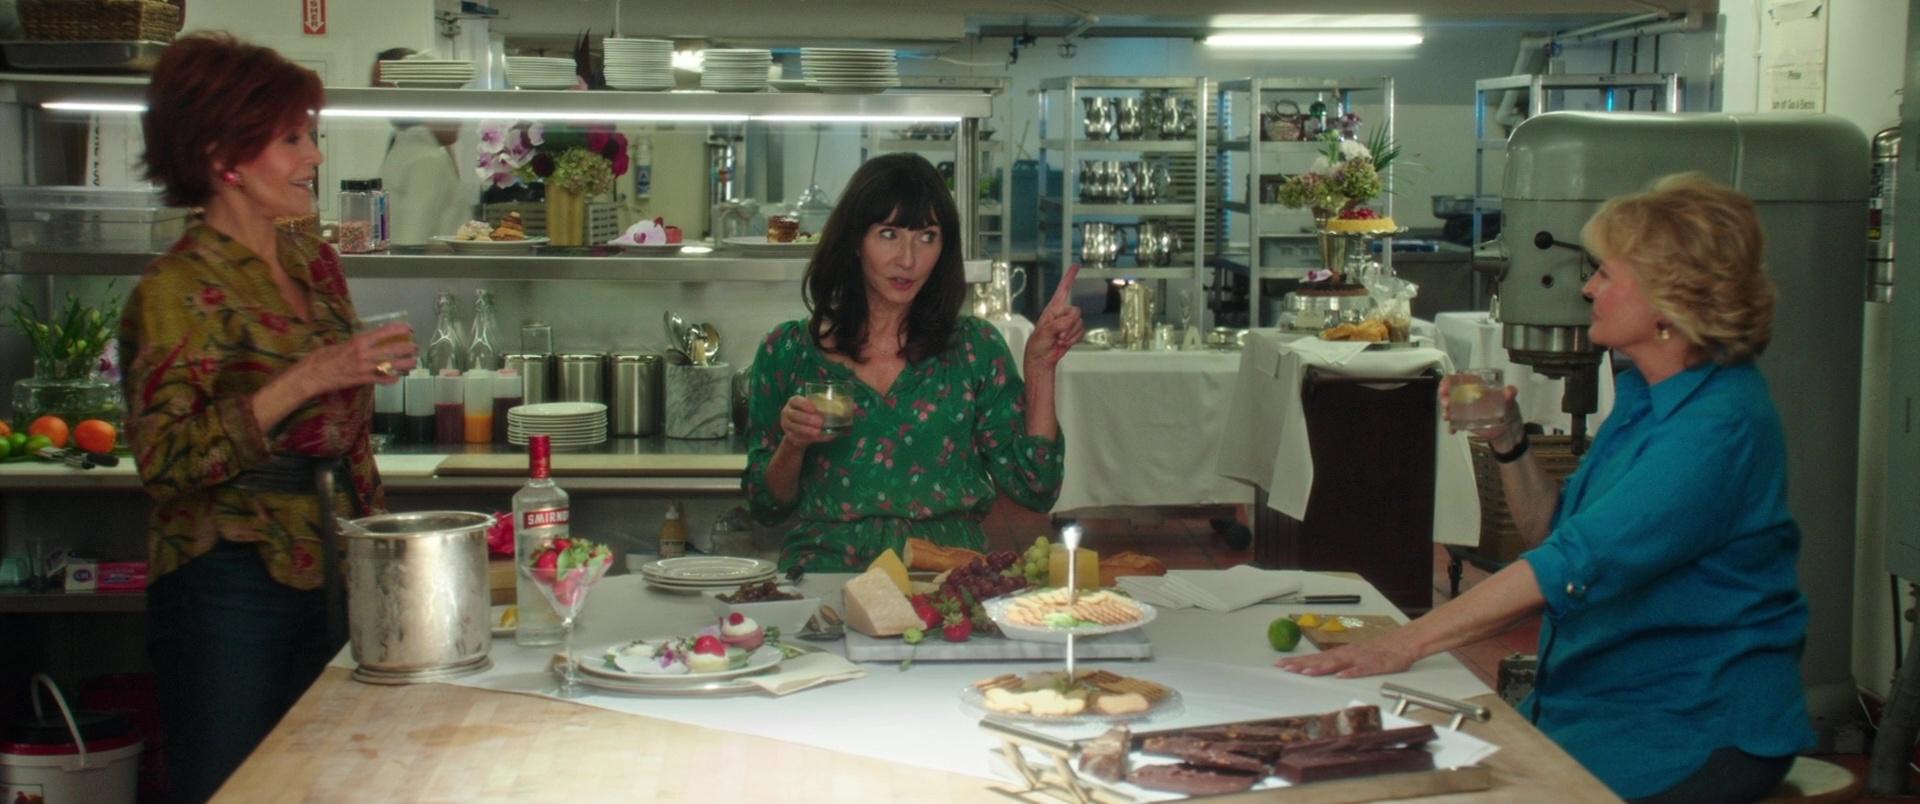 smirnoff vodka drunk by jane fonda mary steenburgen and candice bergen in book club 2018 movie. Black Bedroom Furniture Sets. Home Design Ideas